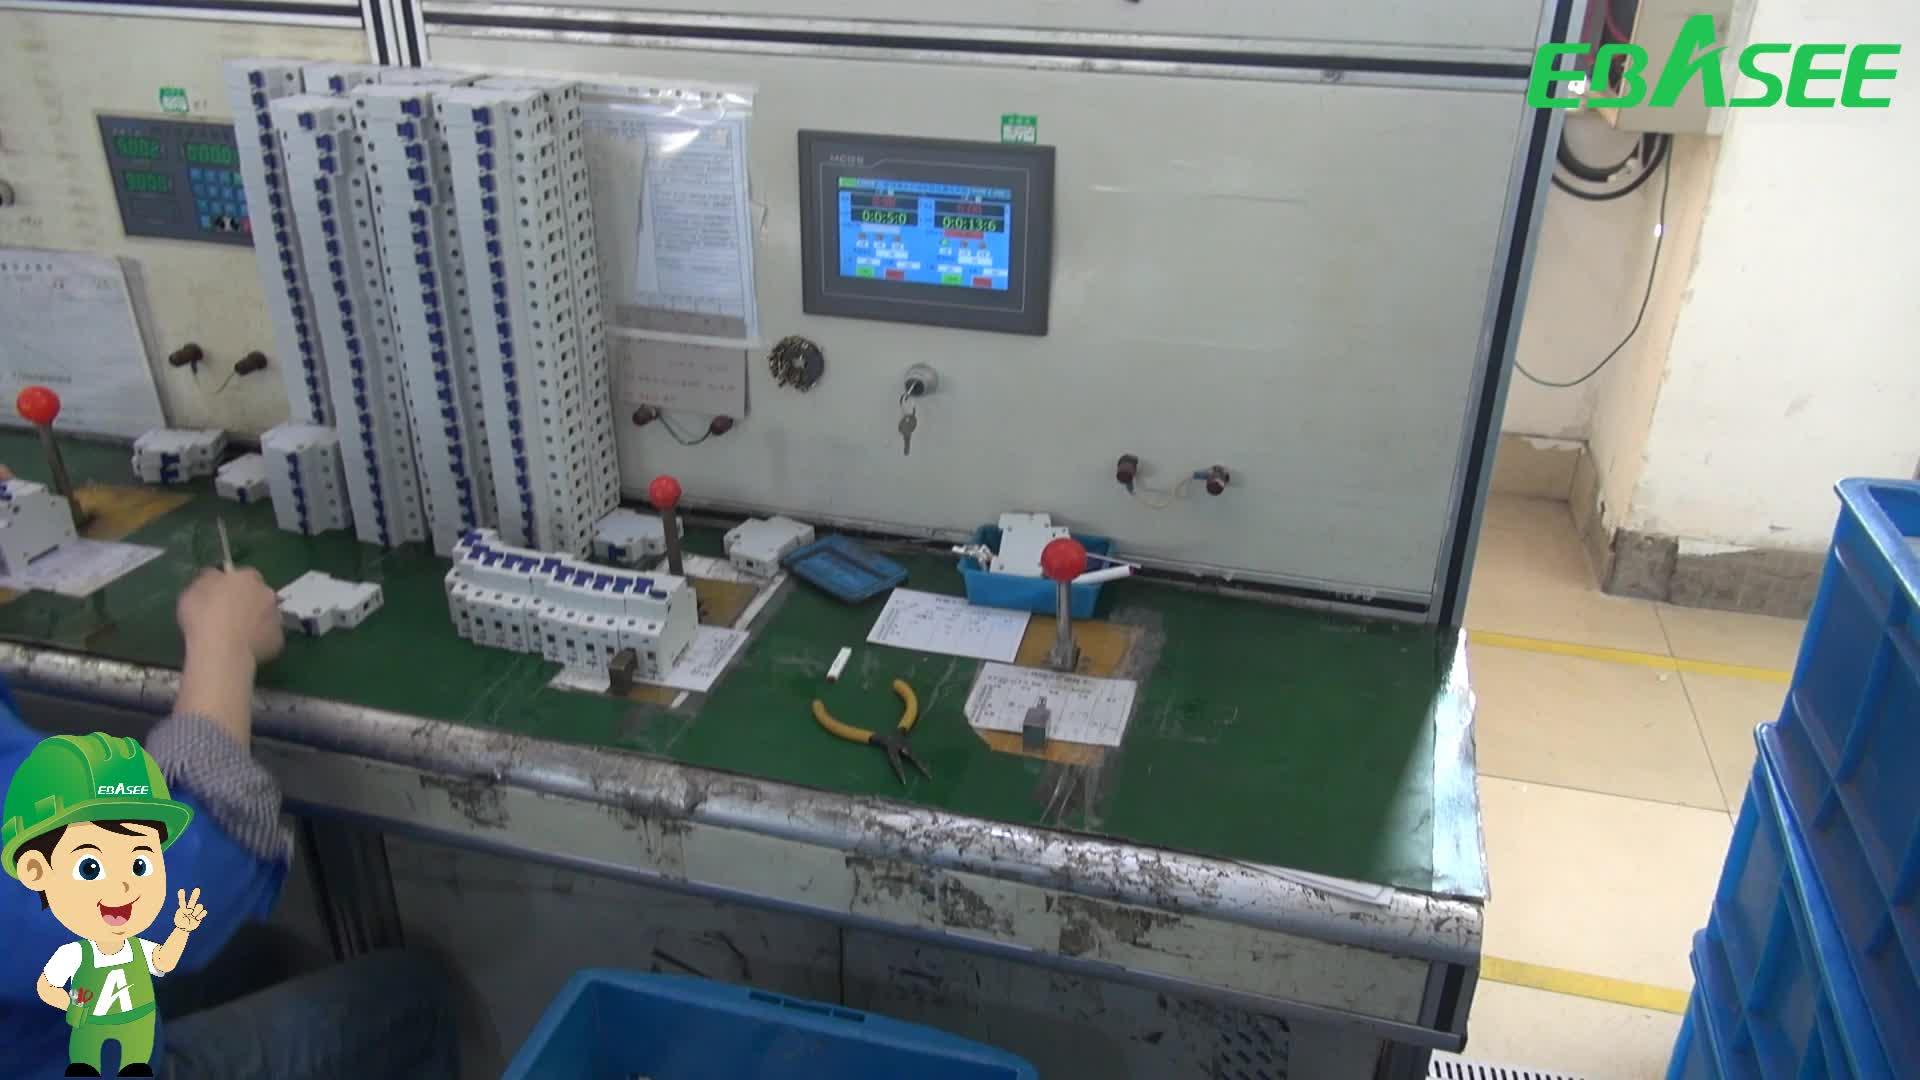 קניות באינטרנט B סוג RCD RCCB AC DC 10KA 400V ELCB מפסק מחיר 4P 63A 30mA